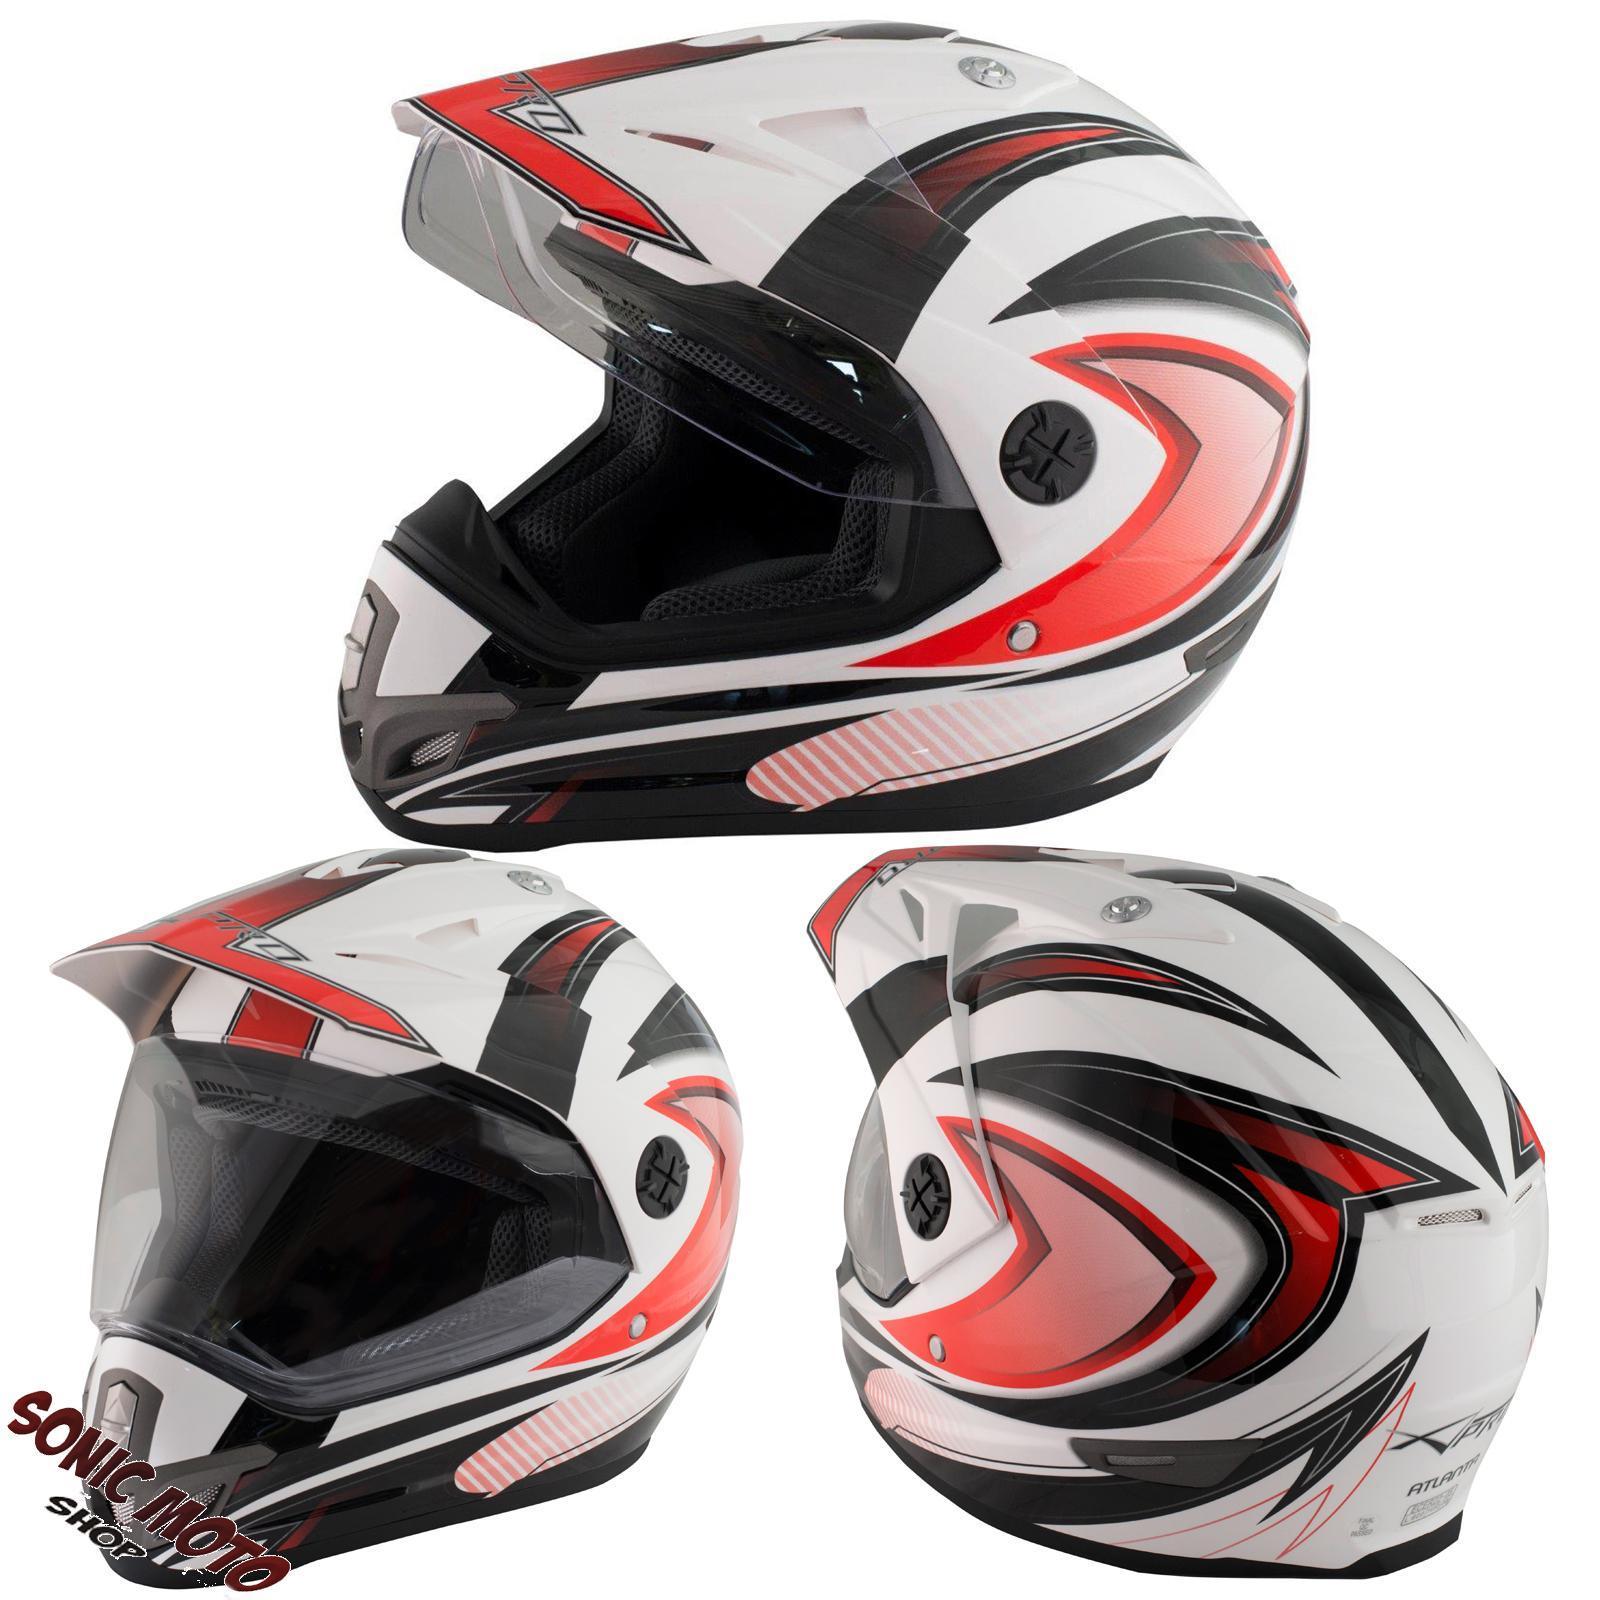 Casque-Motocross-Moto-Enduro-Offroad-Quad-ATV-Visiere-Anti-Buee-Red